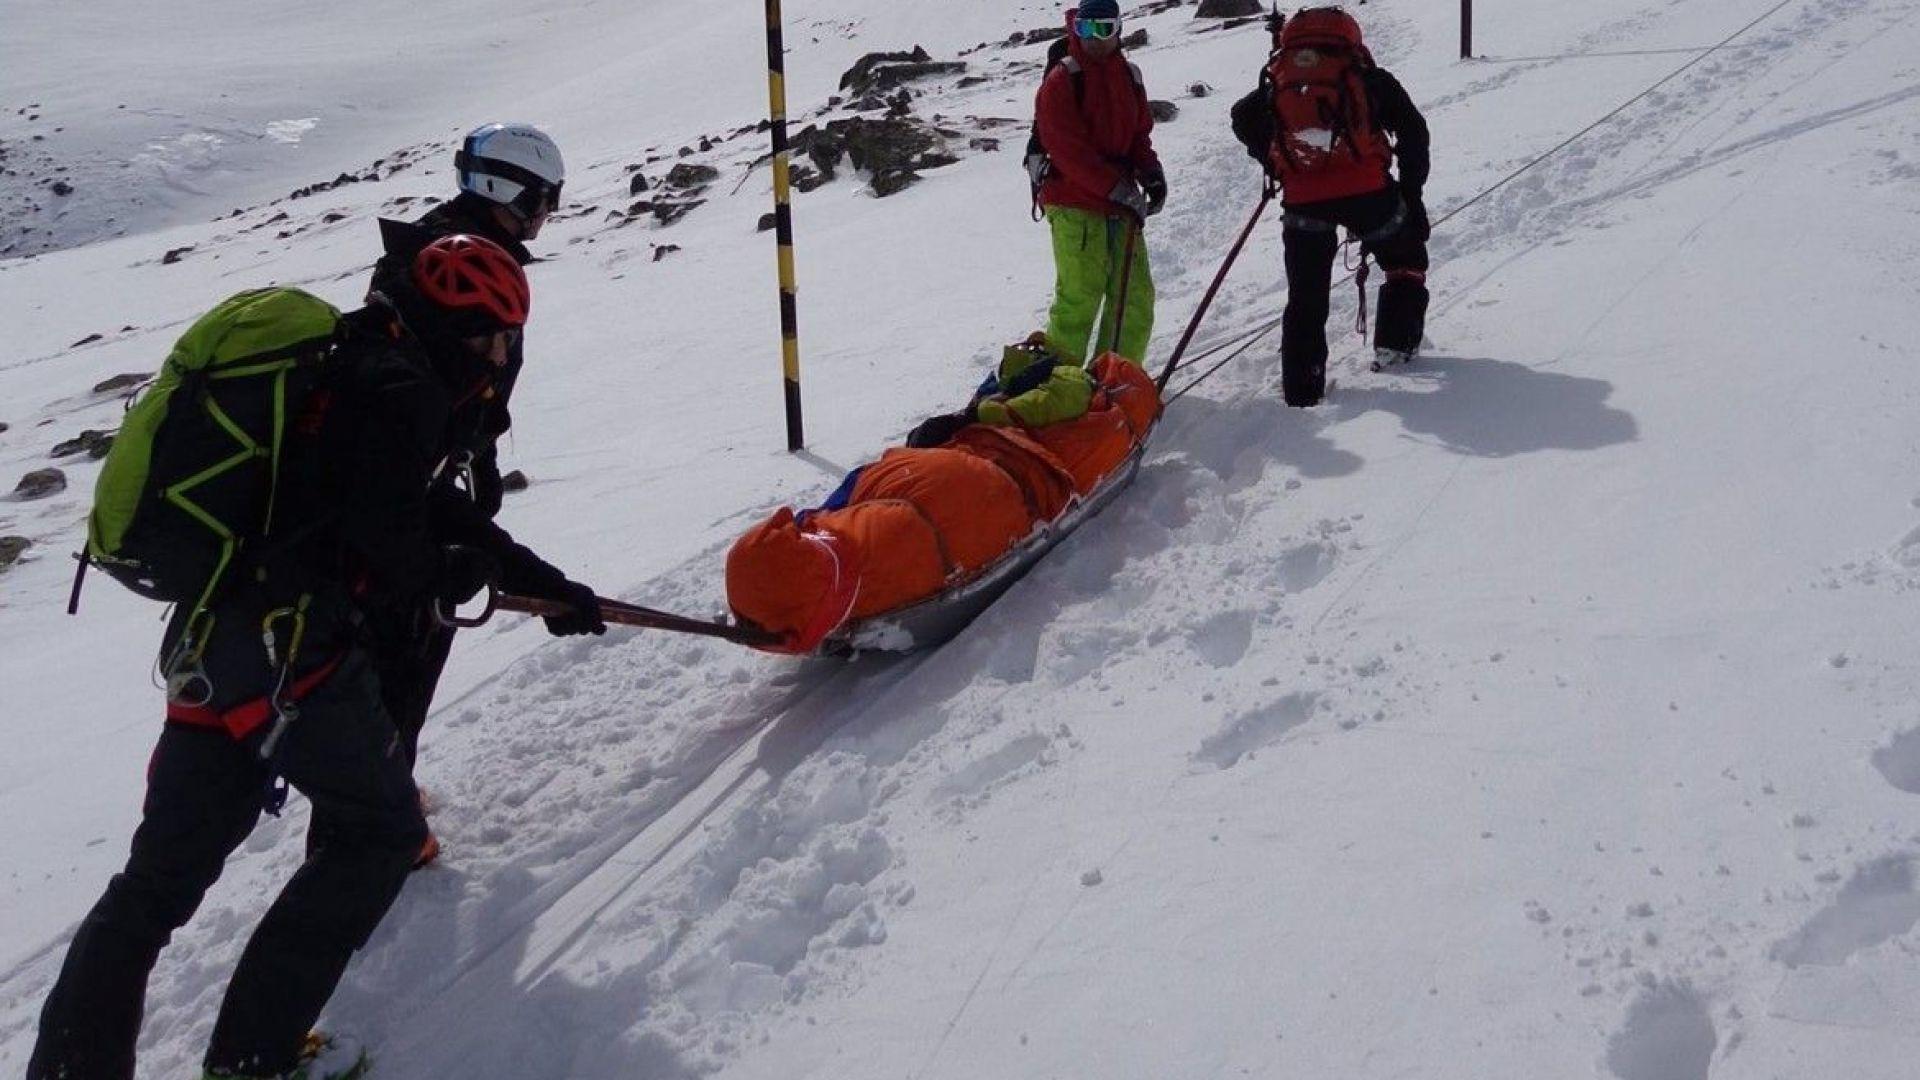 Британски скиор загина на място след силен удар в дърво в Банско